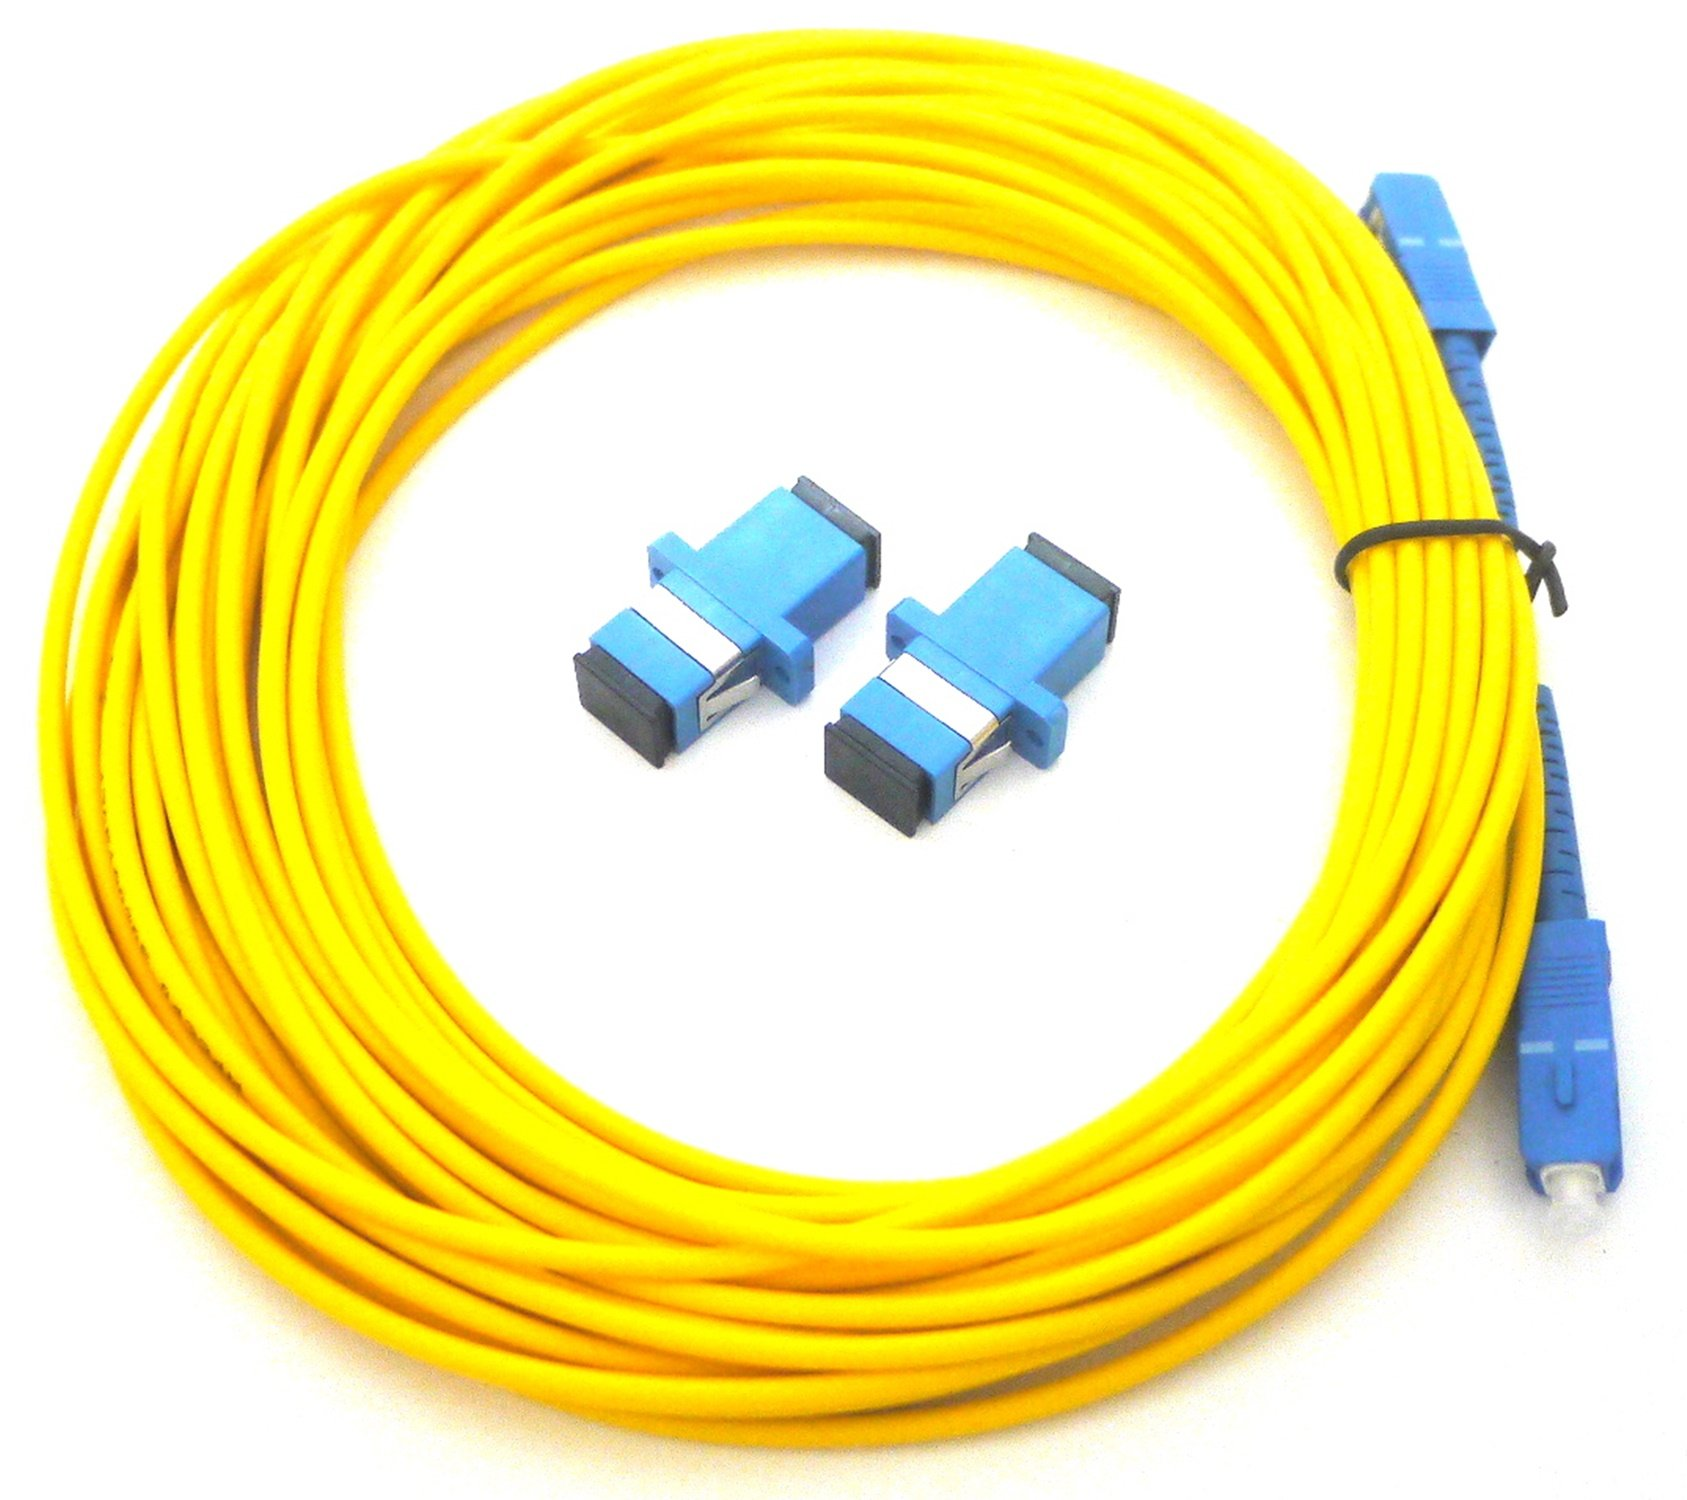 [해외]광섬유 케이블 황색 10m sc-sc 어댑터 집합 / Fiber optic extension Cable Yellow 10m SC-SC Adapter set